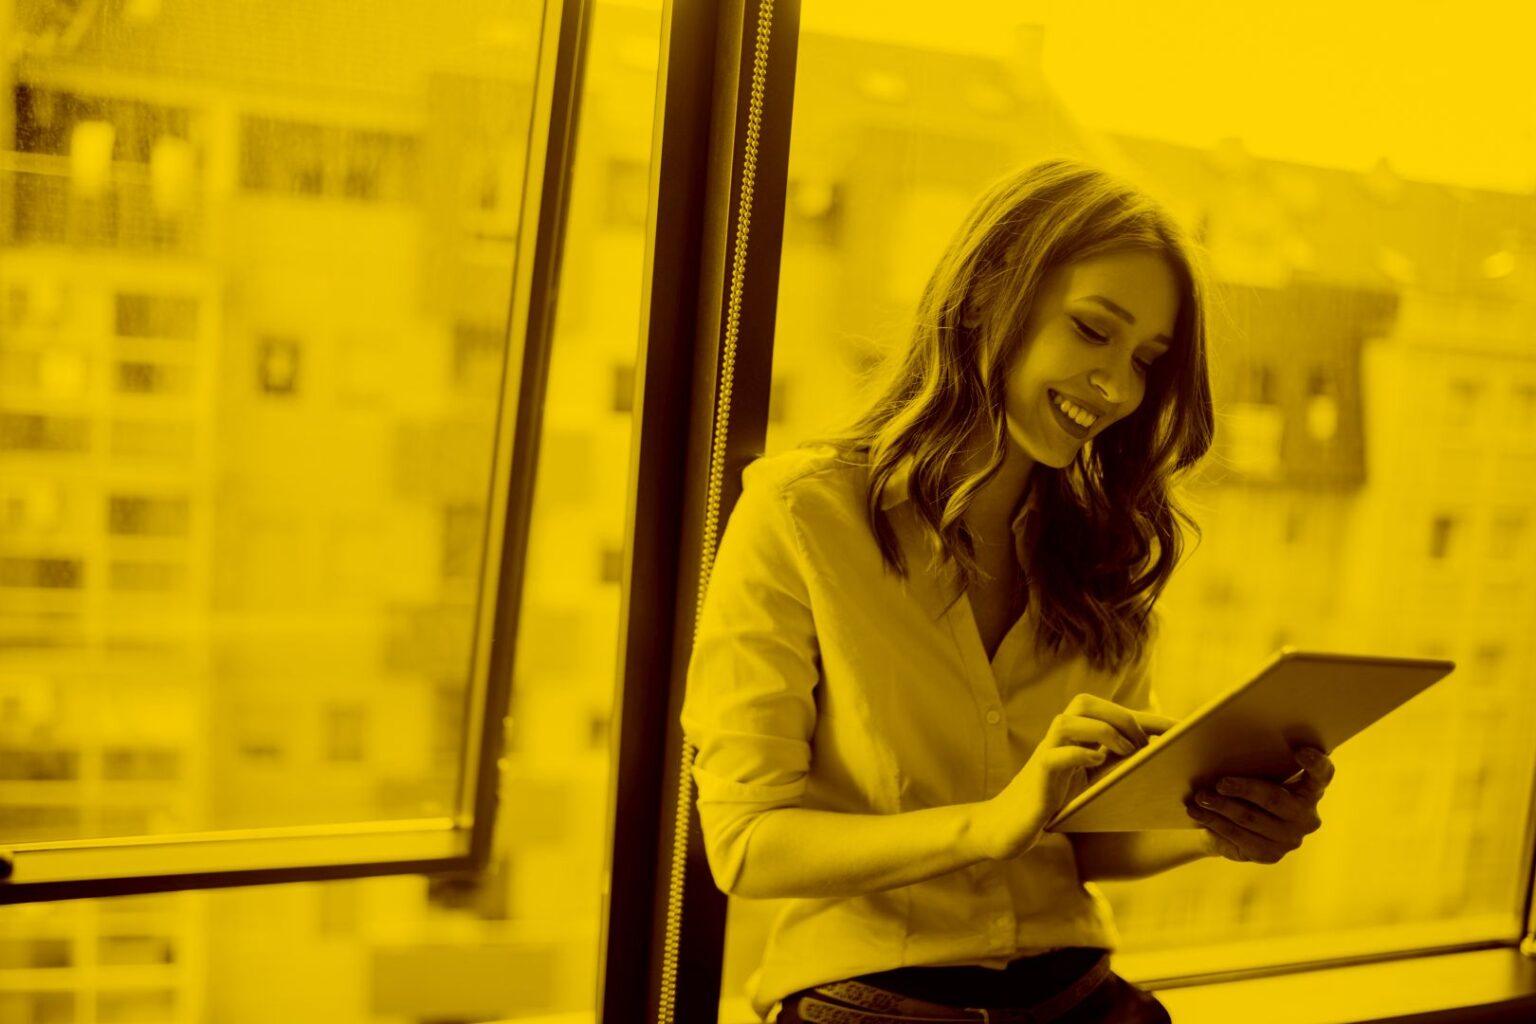 Junge Frau mit Tablet und digitale Schließanlage Portierplan in der maja.cloud